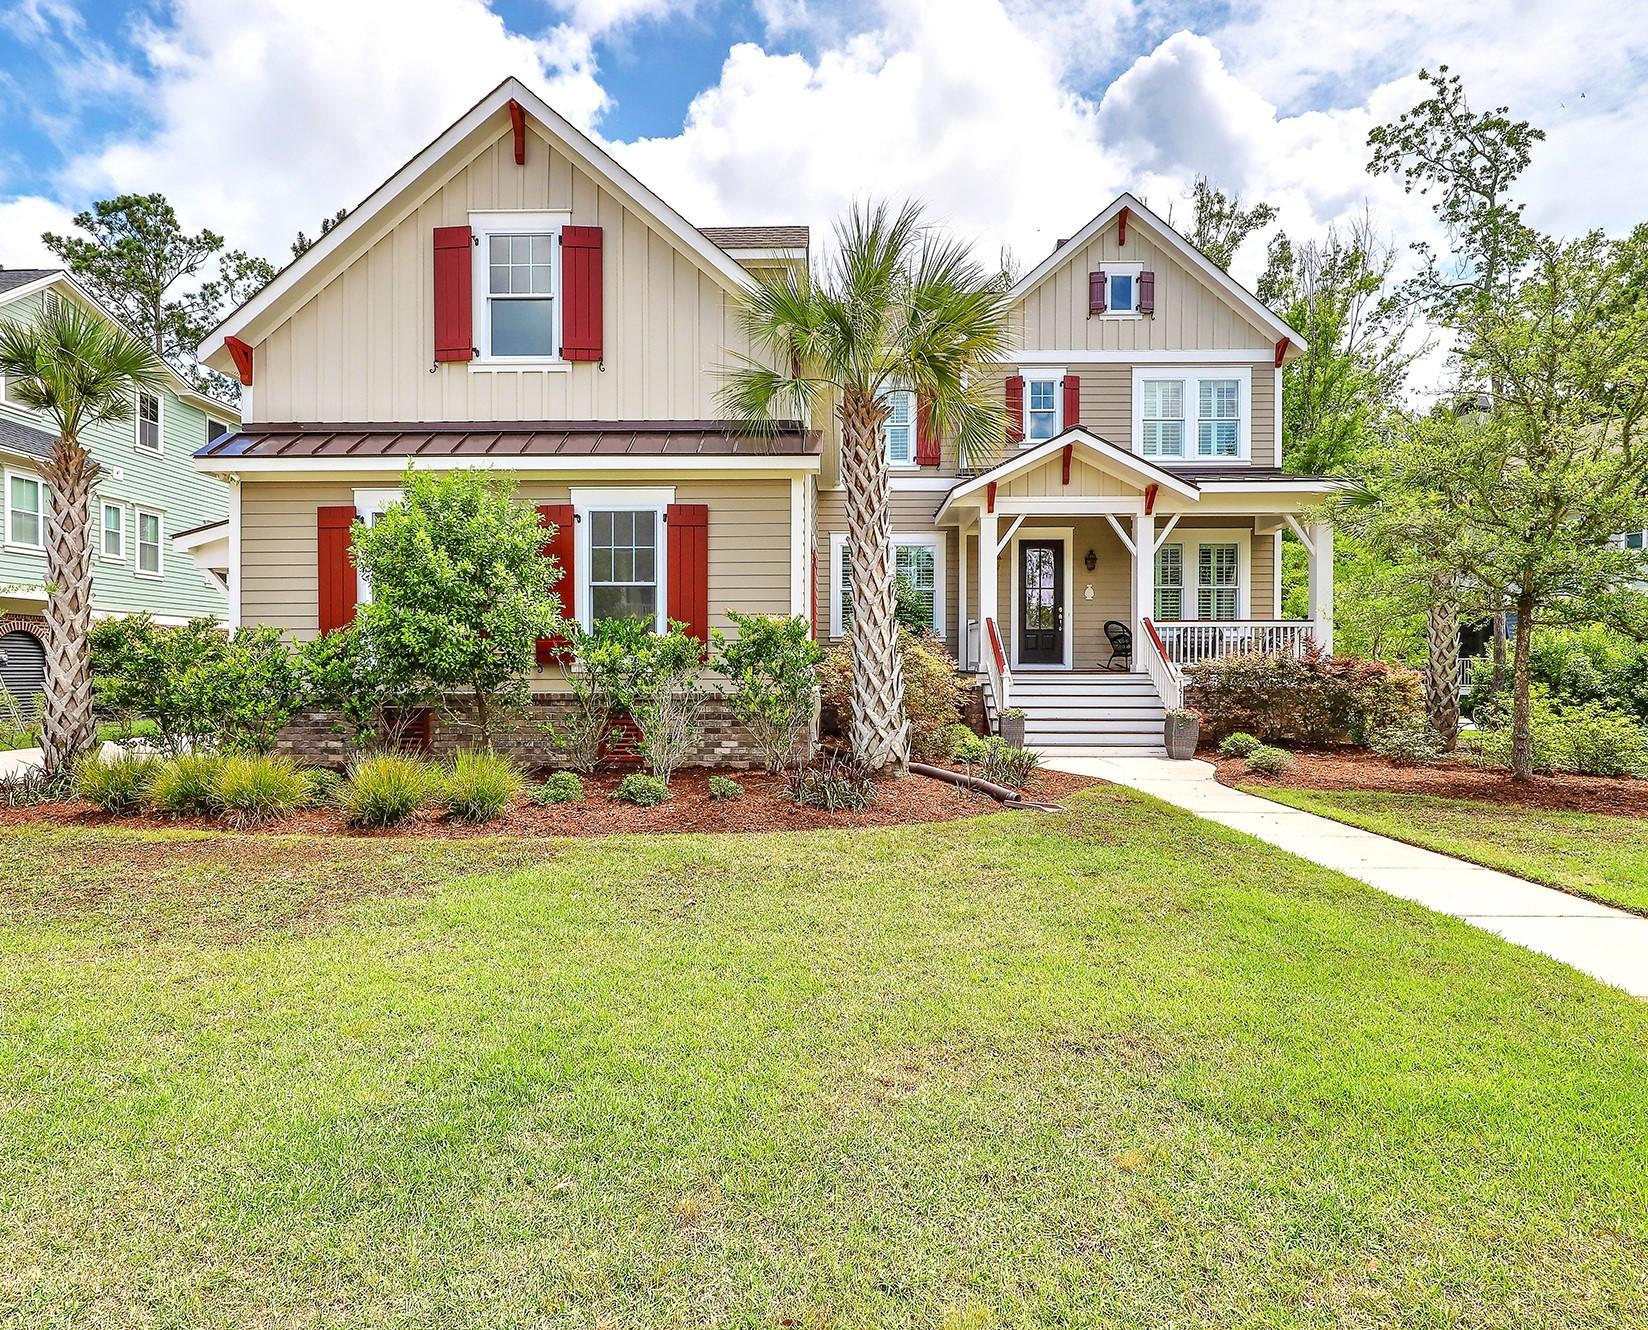 Park West Homes For Sale - 1516 Capel, Mount Pleasant, SC - 26